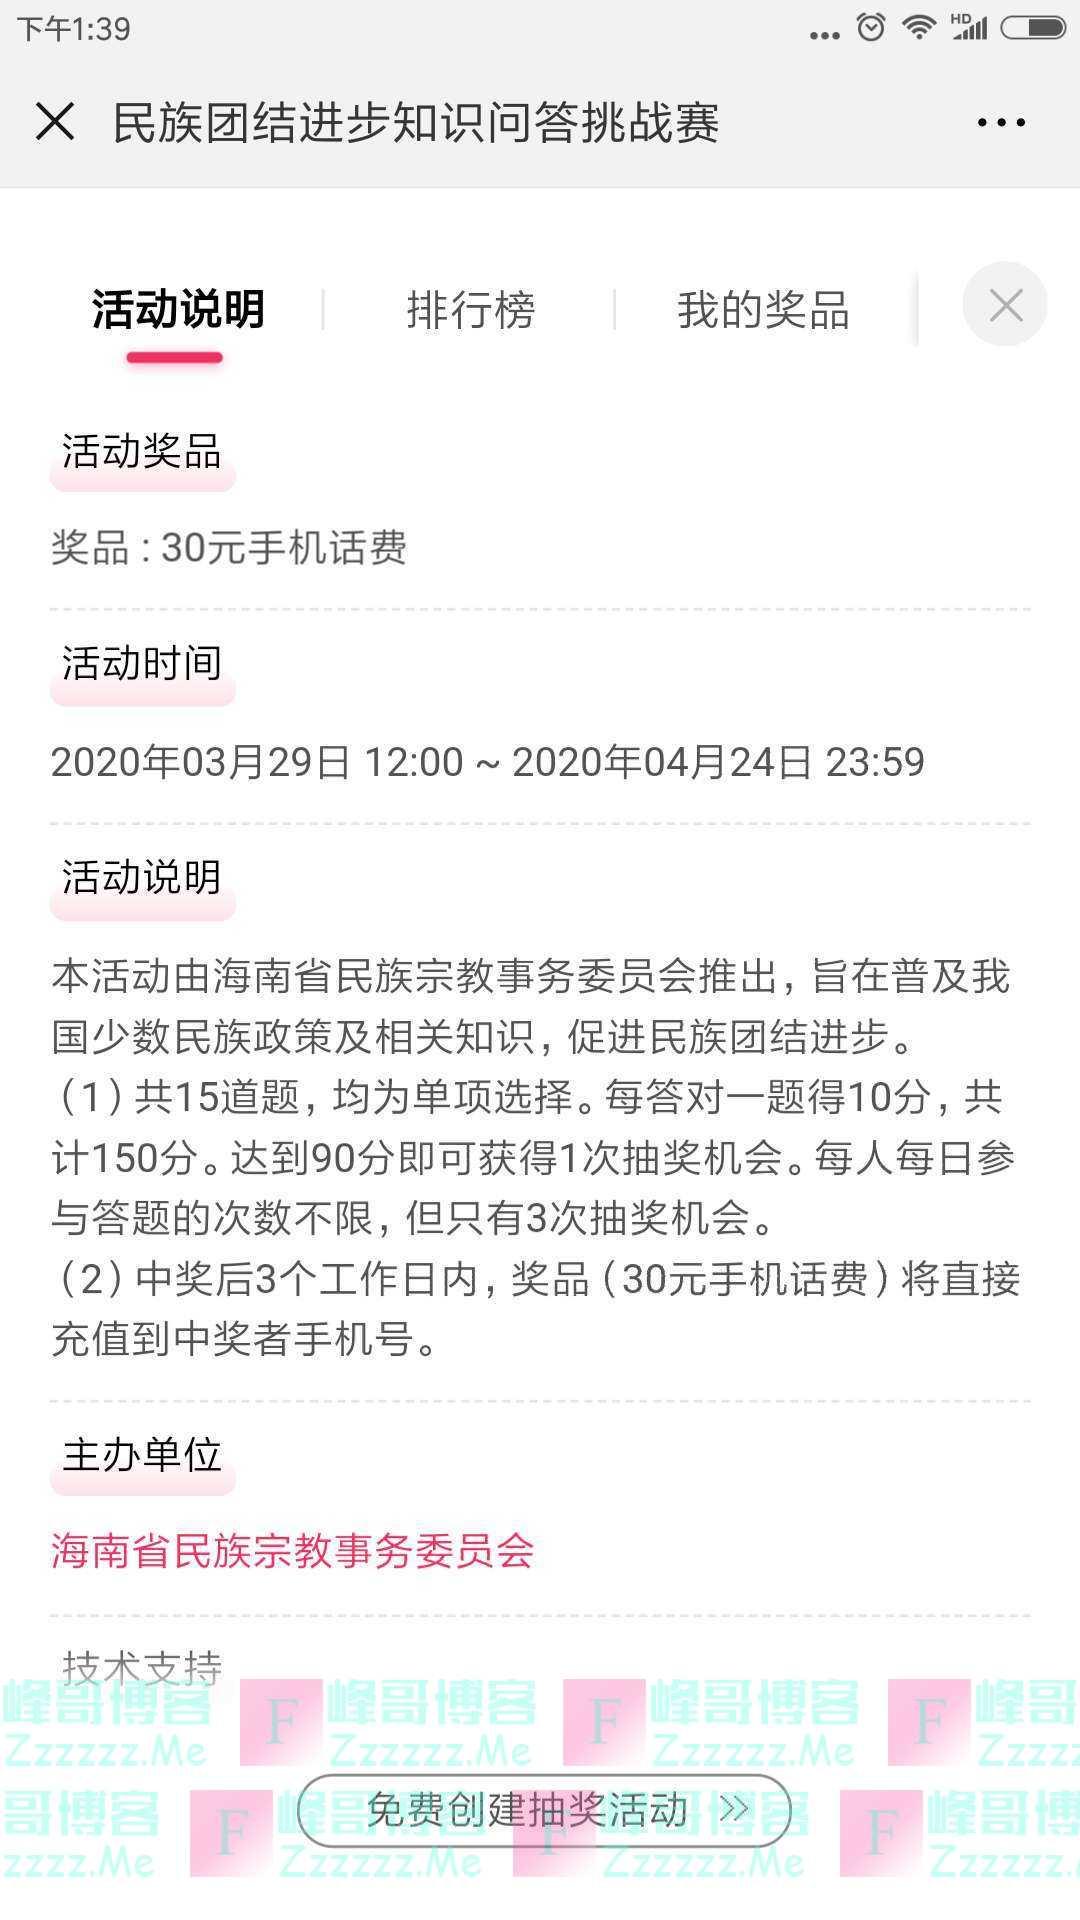 海南省民族宗教事务委员会民族团结进步知识问答挑战赛(截止4月24日)